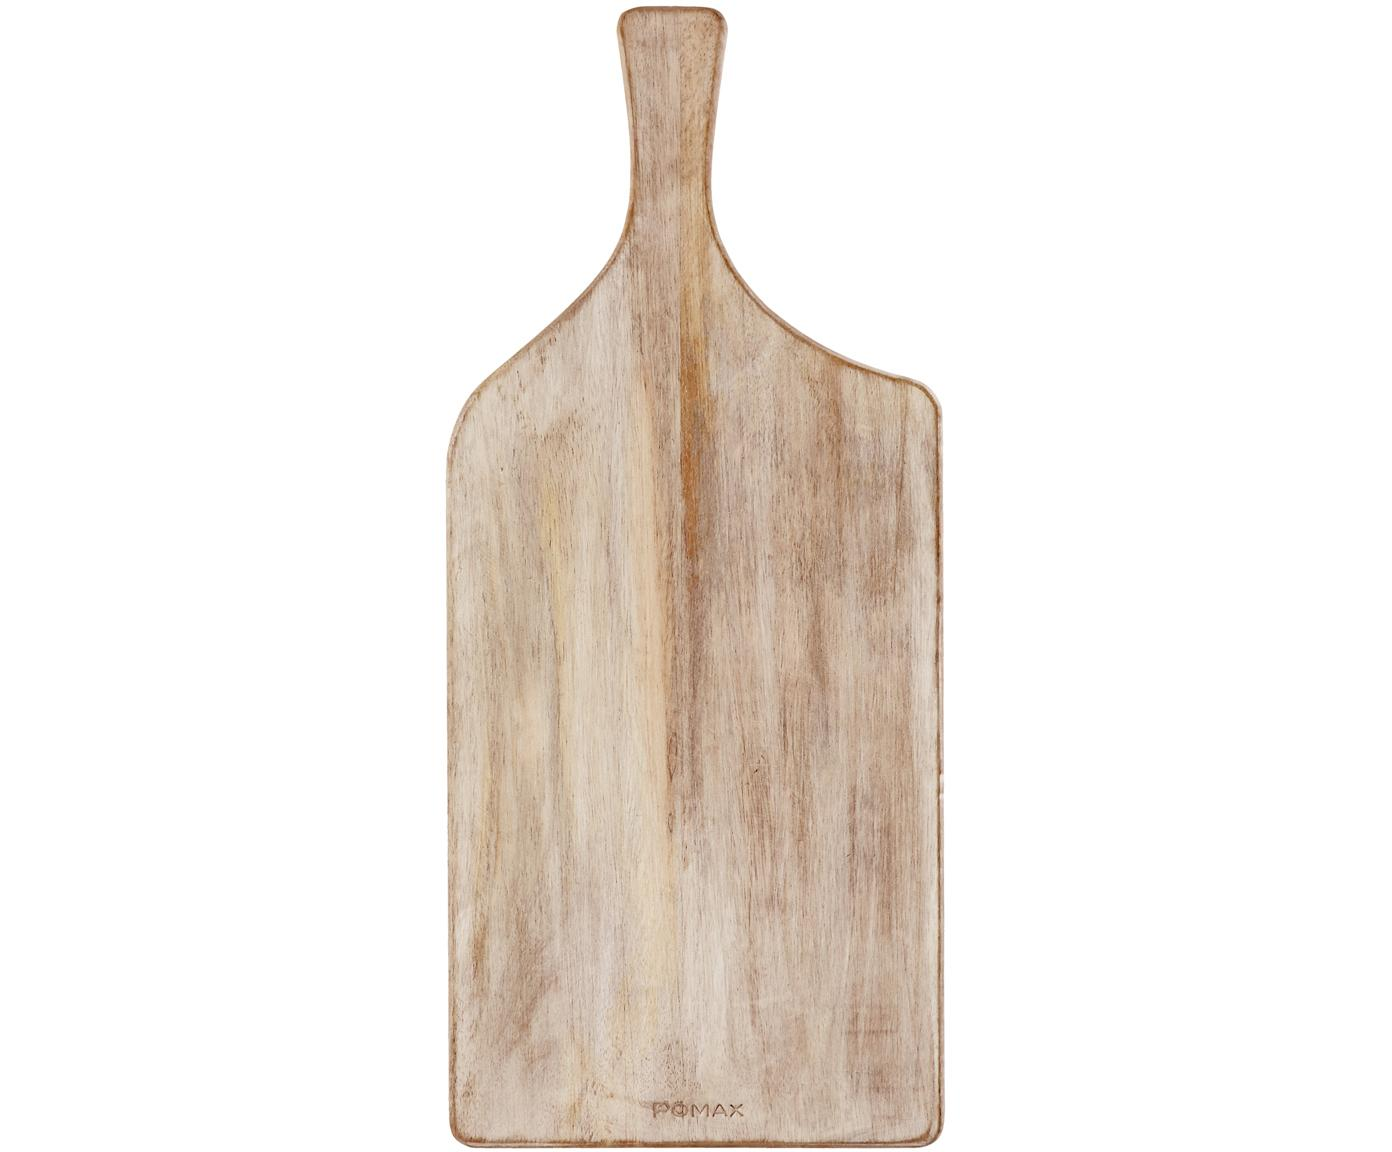 Tagliere in legno di mango Limitless, Legno di magno, Legno di mango, Larg. 50 x Lung. 22 cm